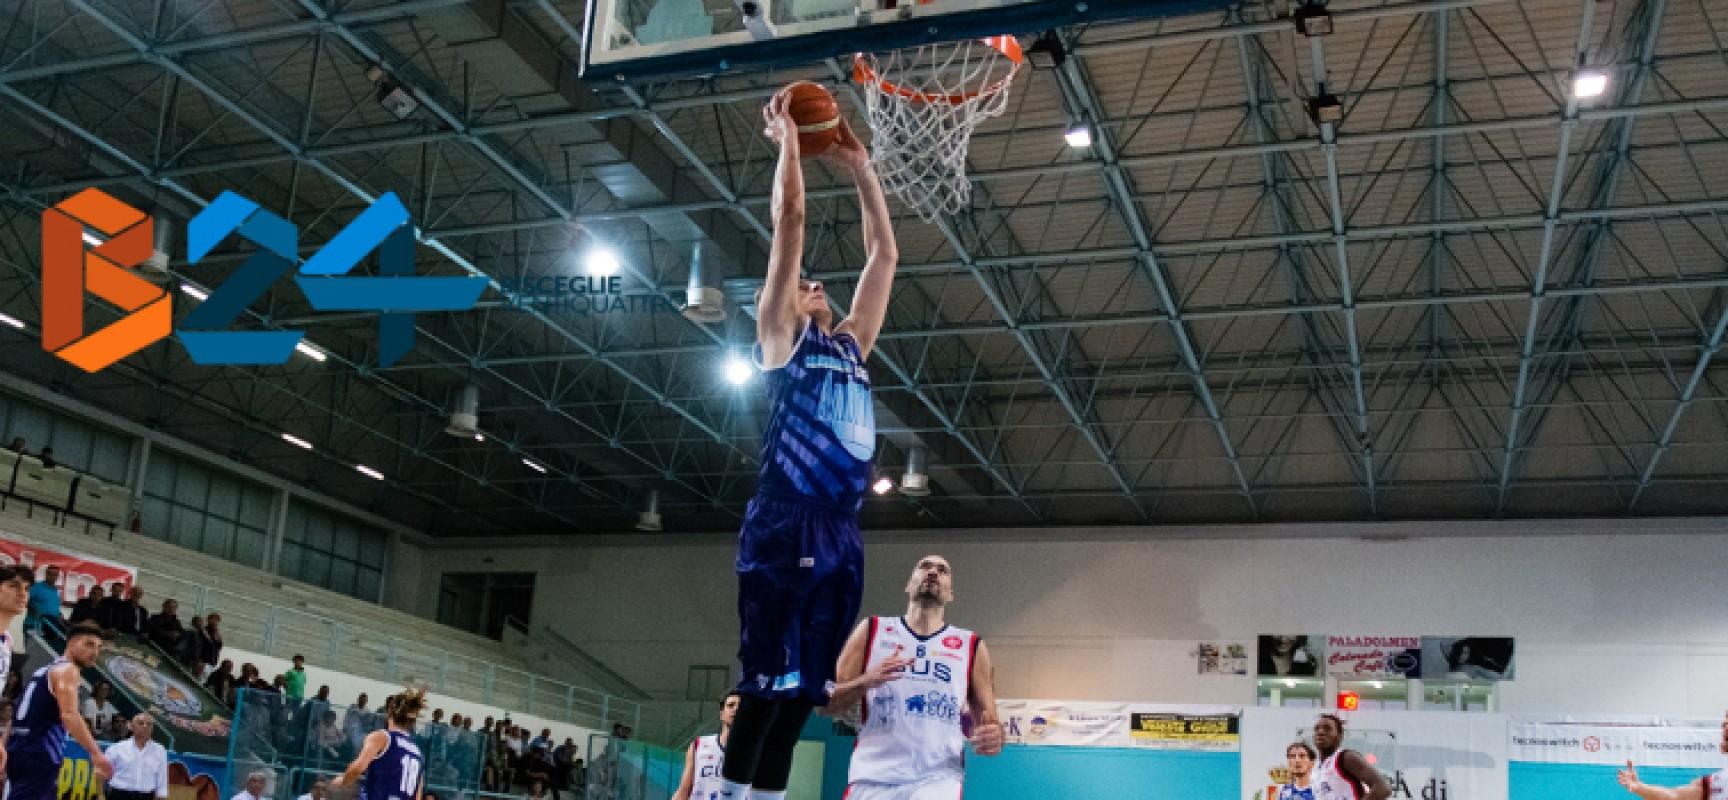 Lions Basket, questa domenica insidioso derby contro il Taranto di Chiacig